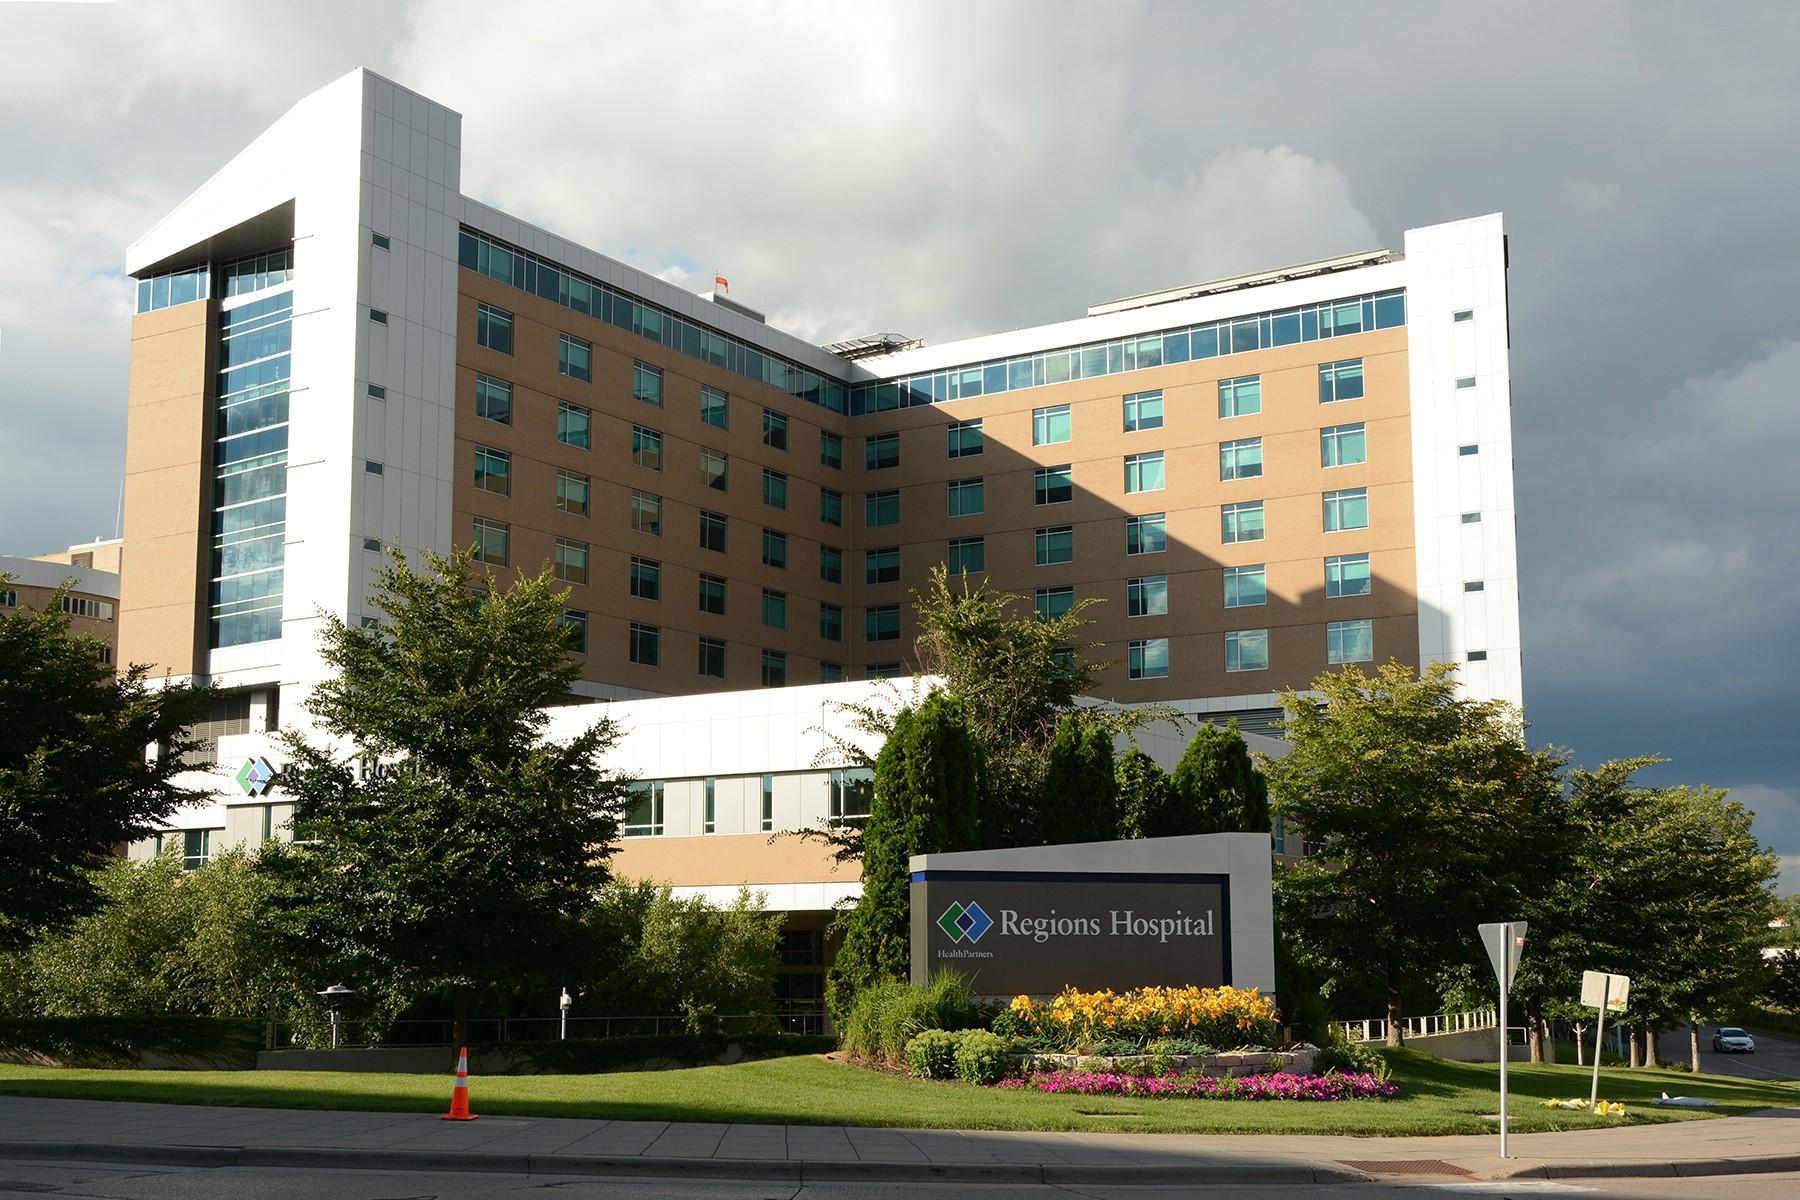 Regions Hospital - Wikipedia